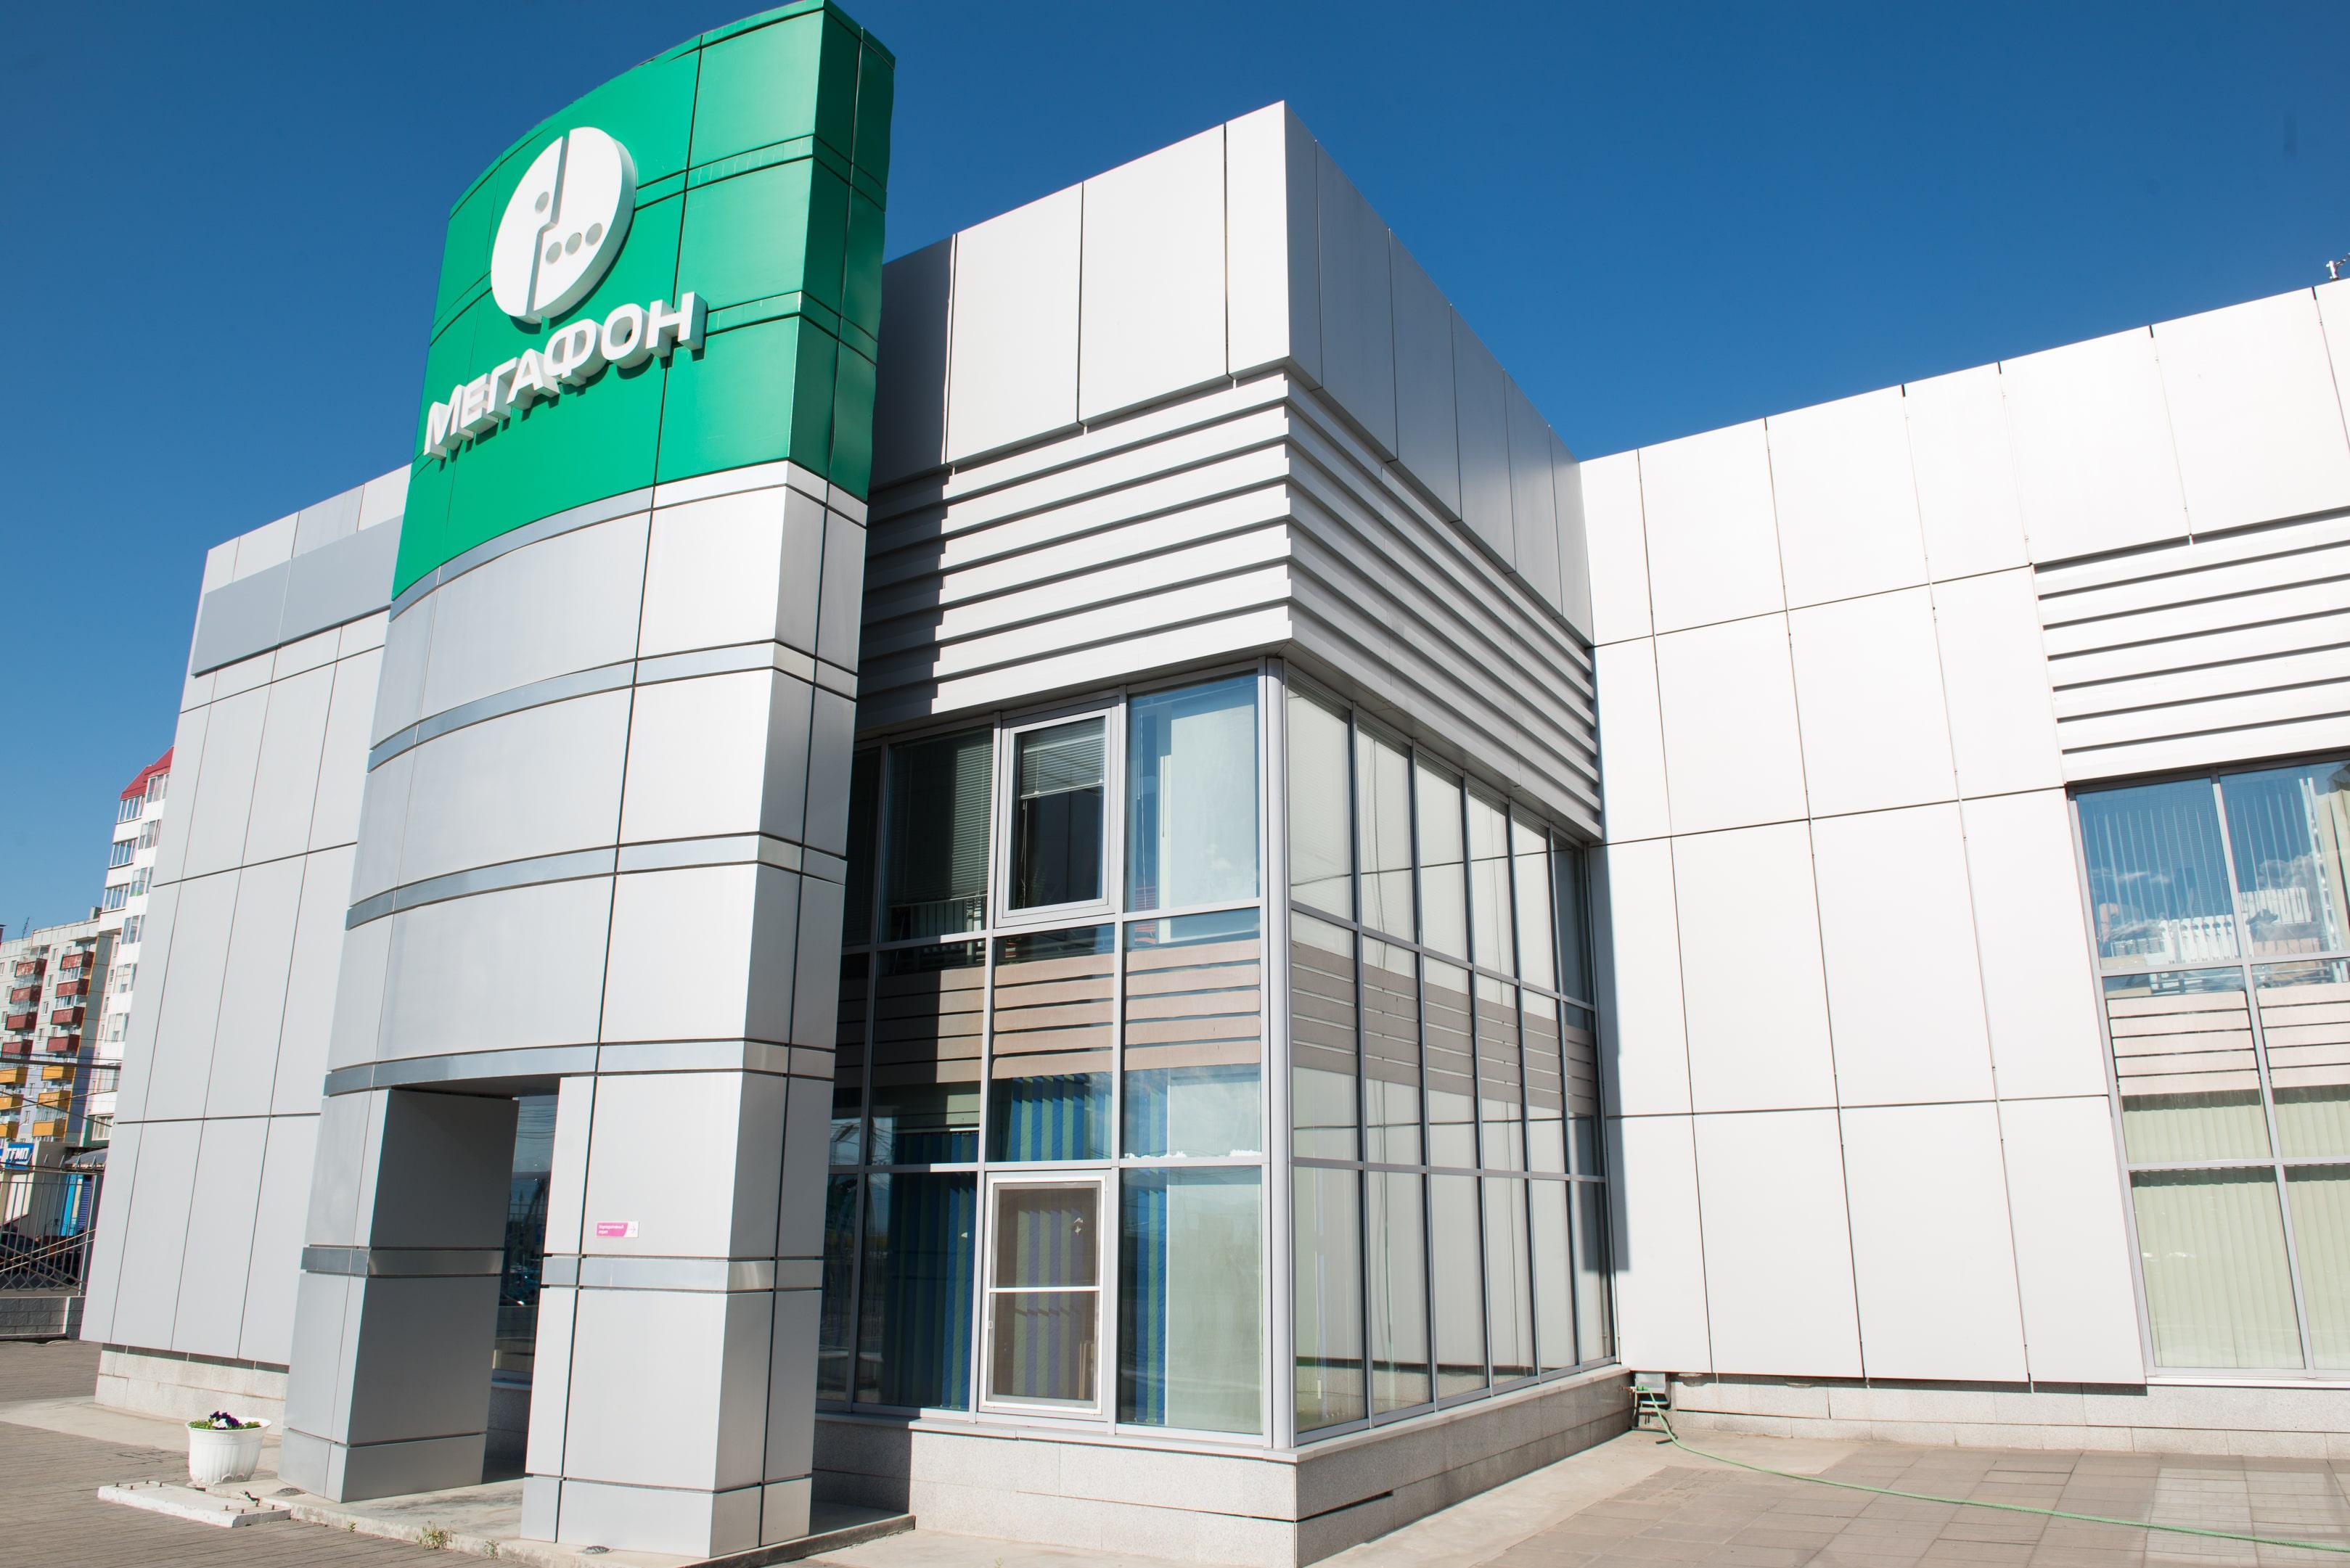 Фасад офиса Мегафон